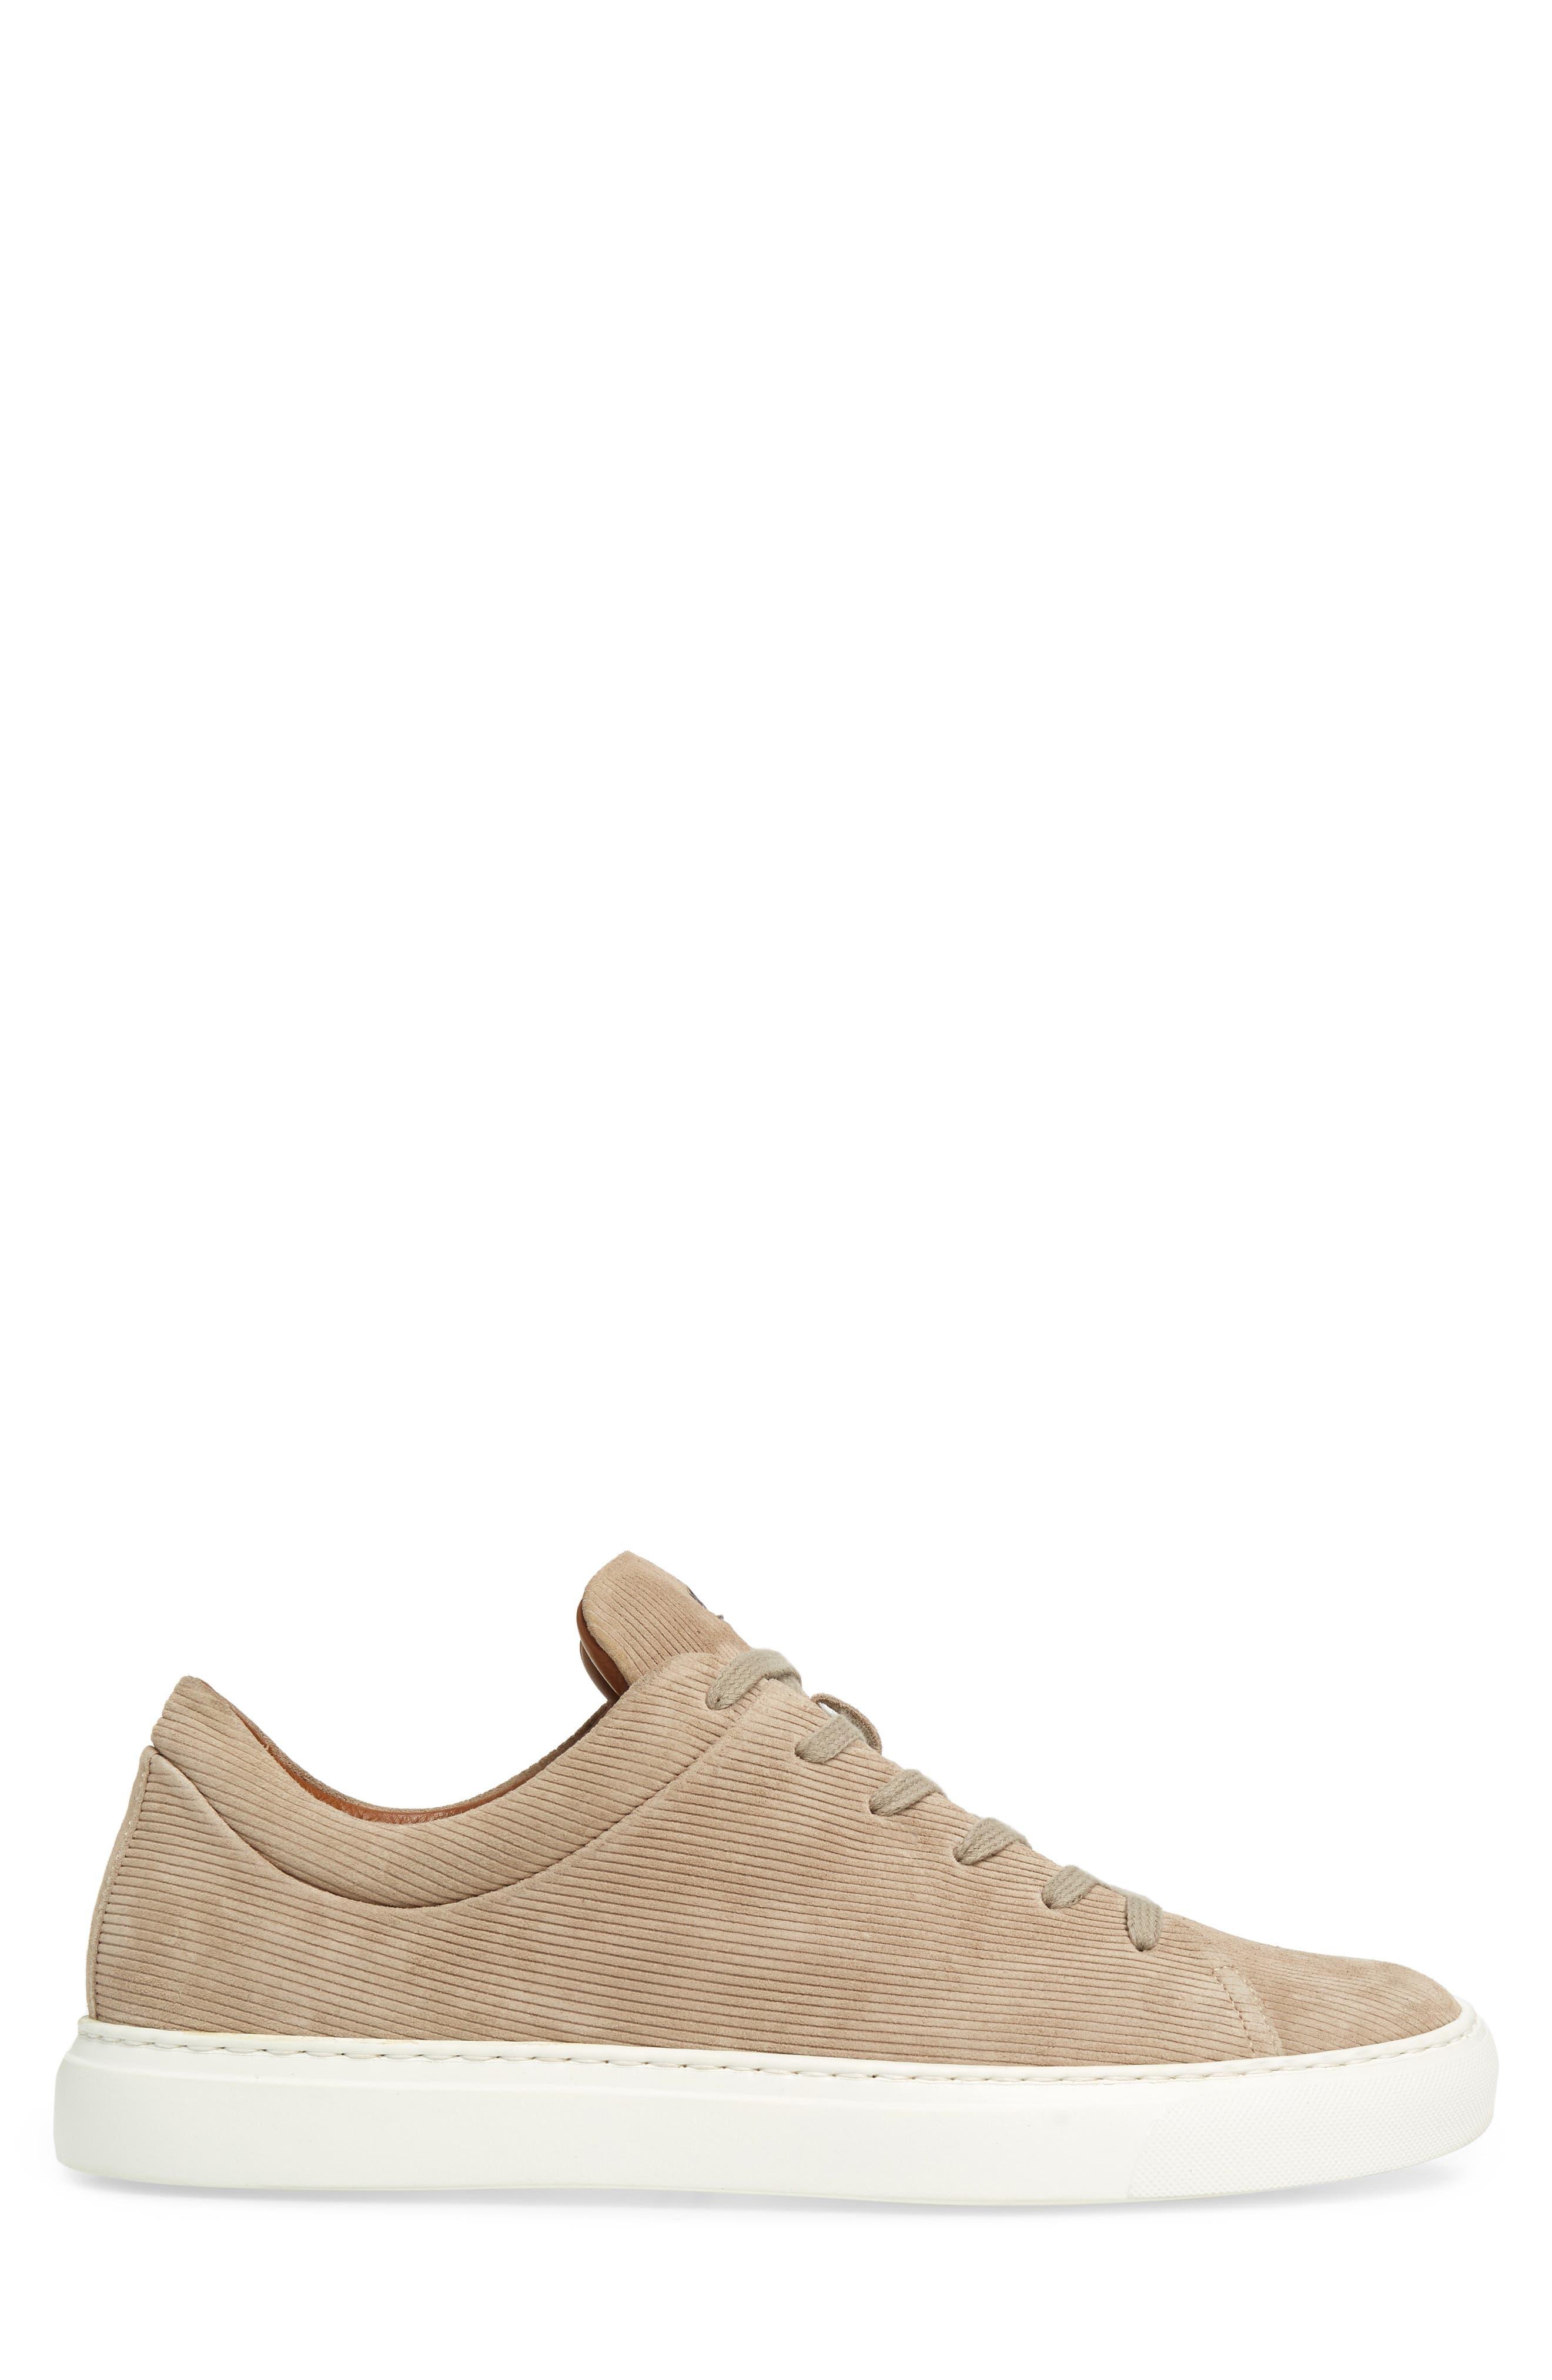 Alaric Sneaker,                             Alternate thumbnail 3, color,                             202